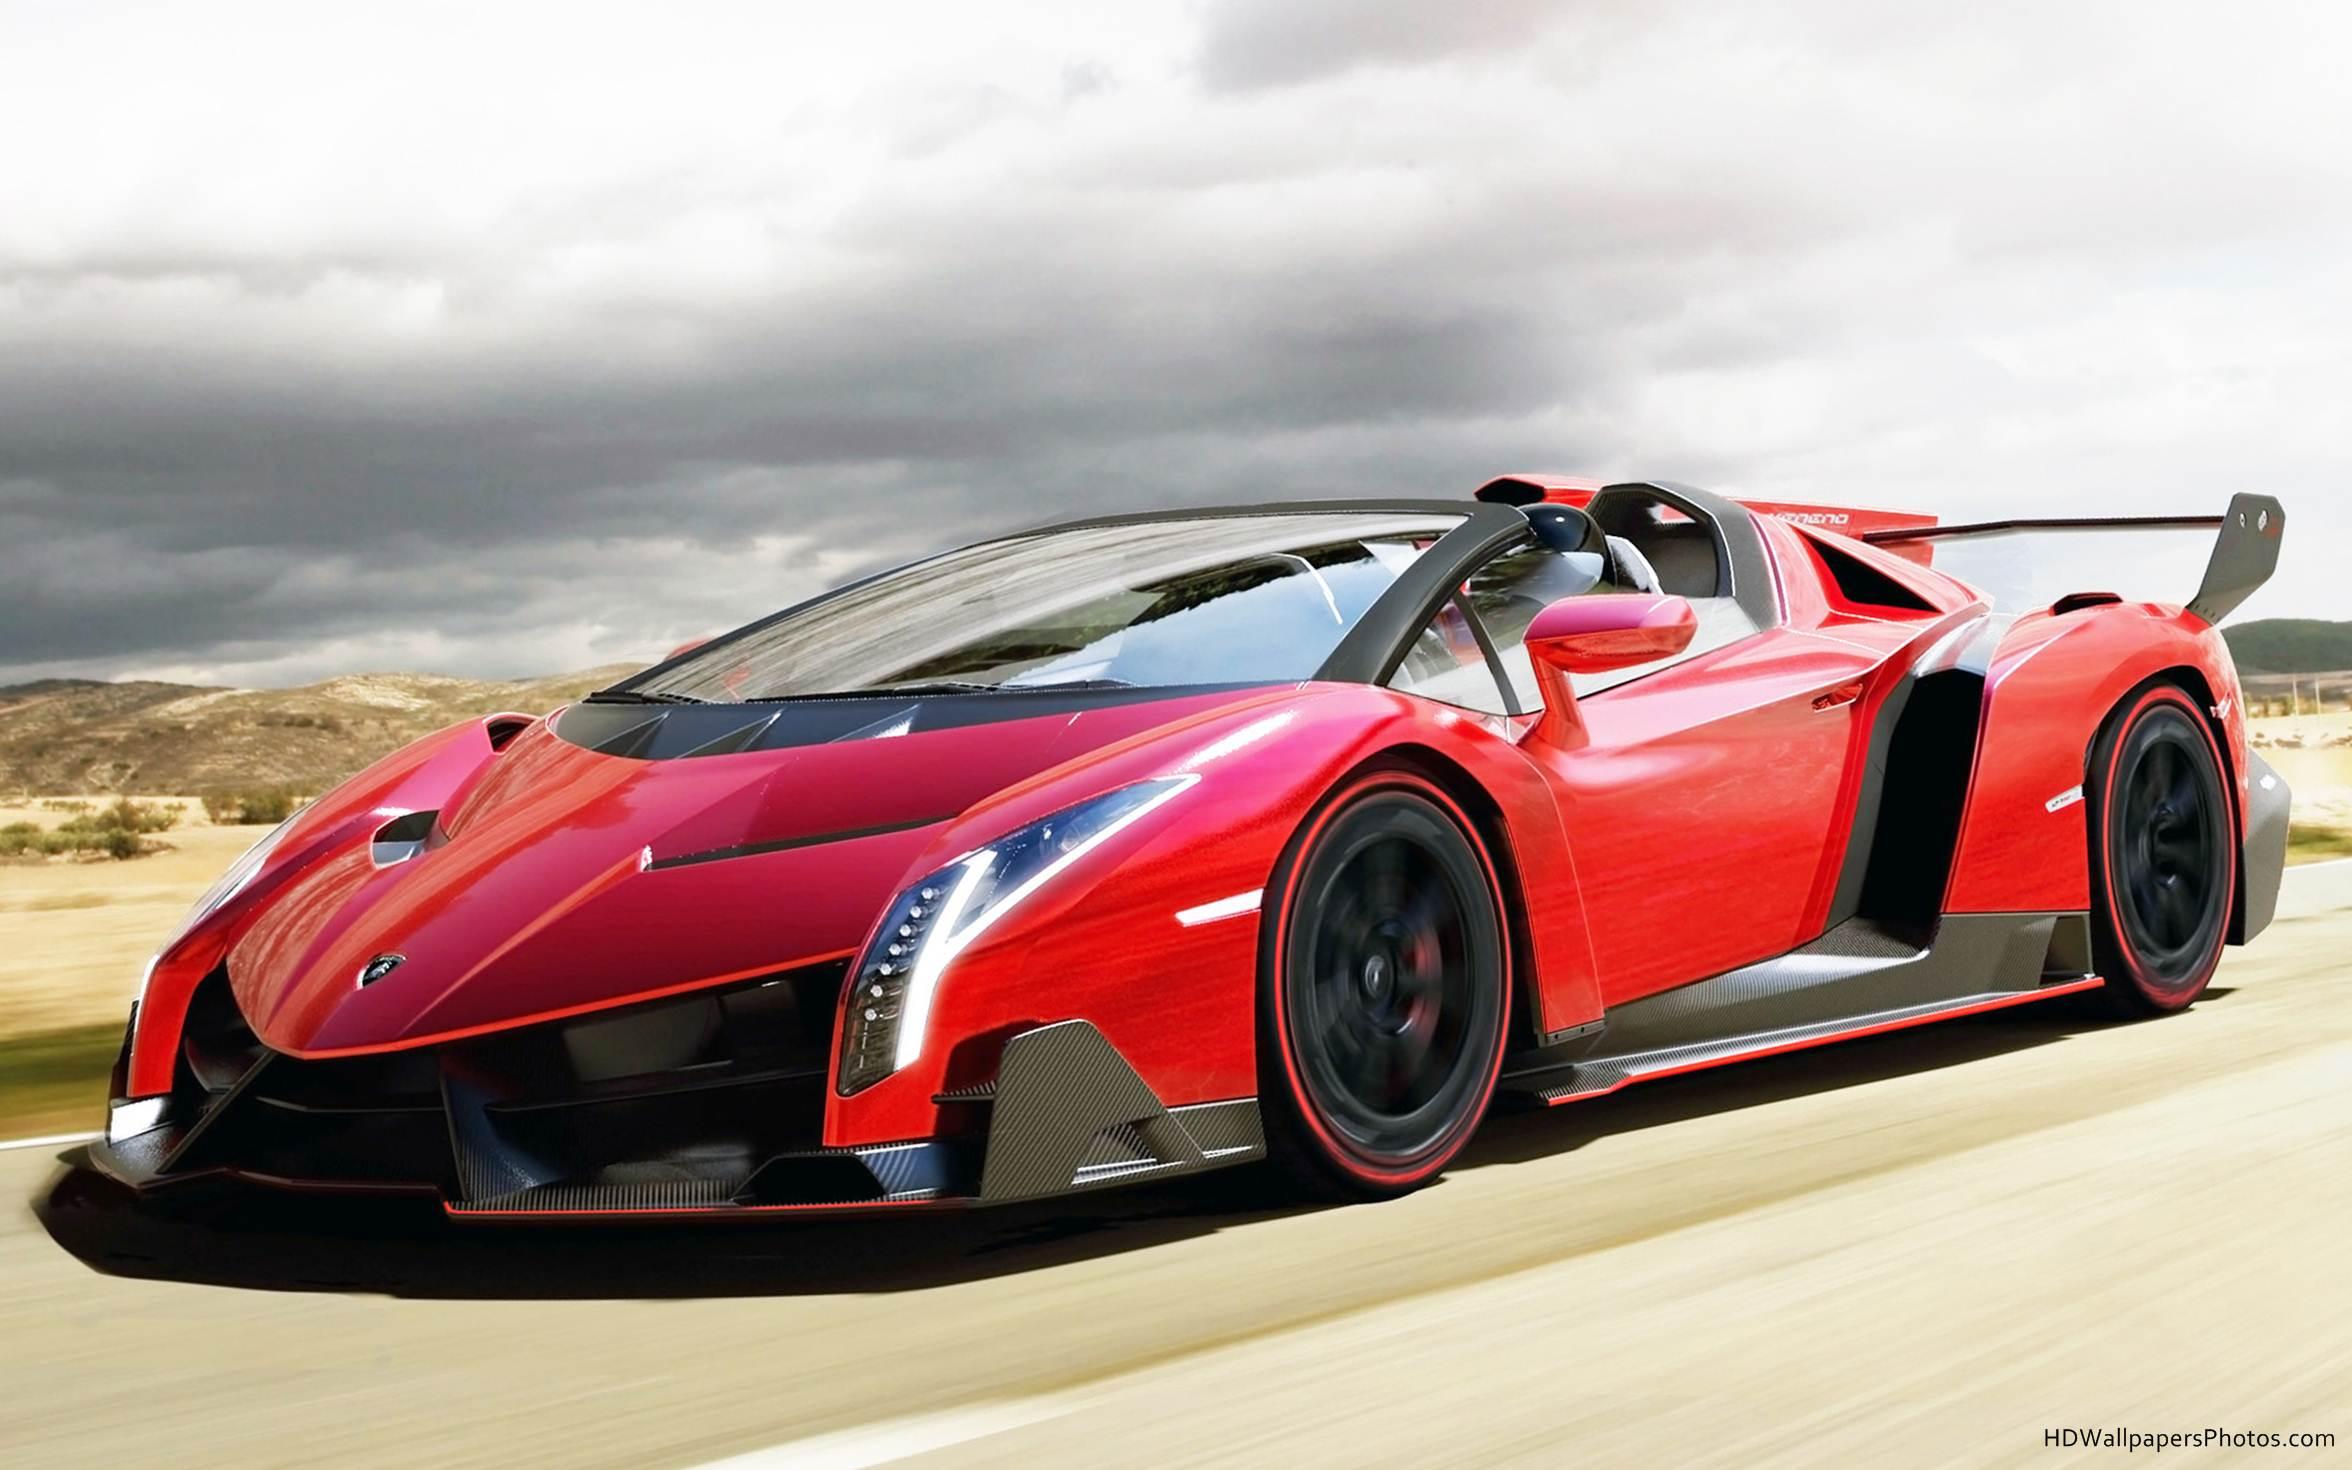 Image for DriveClub video shows a Lamborghini Veneno racing around